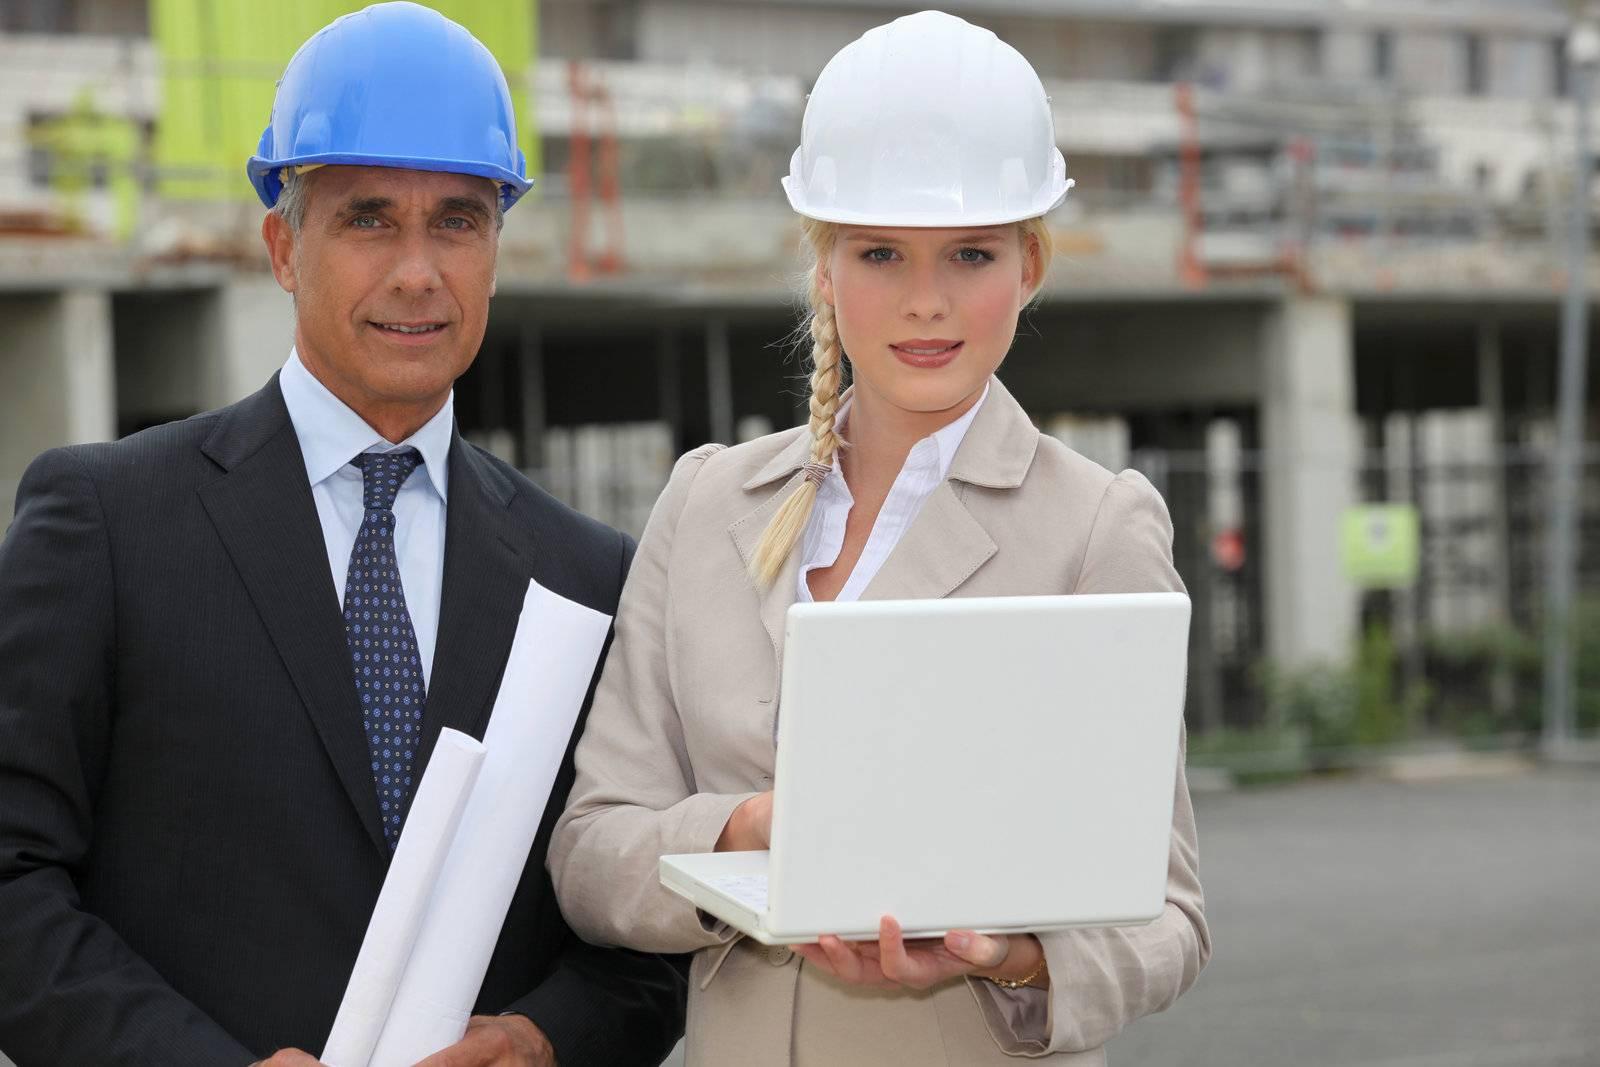 adult, architect, architecture, assistant, blueprint, build - D5695930